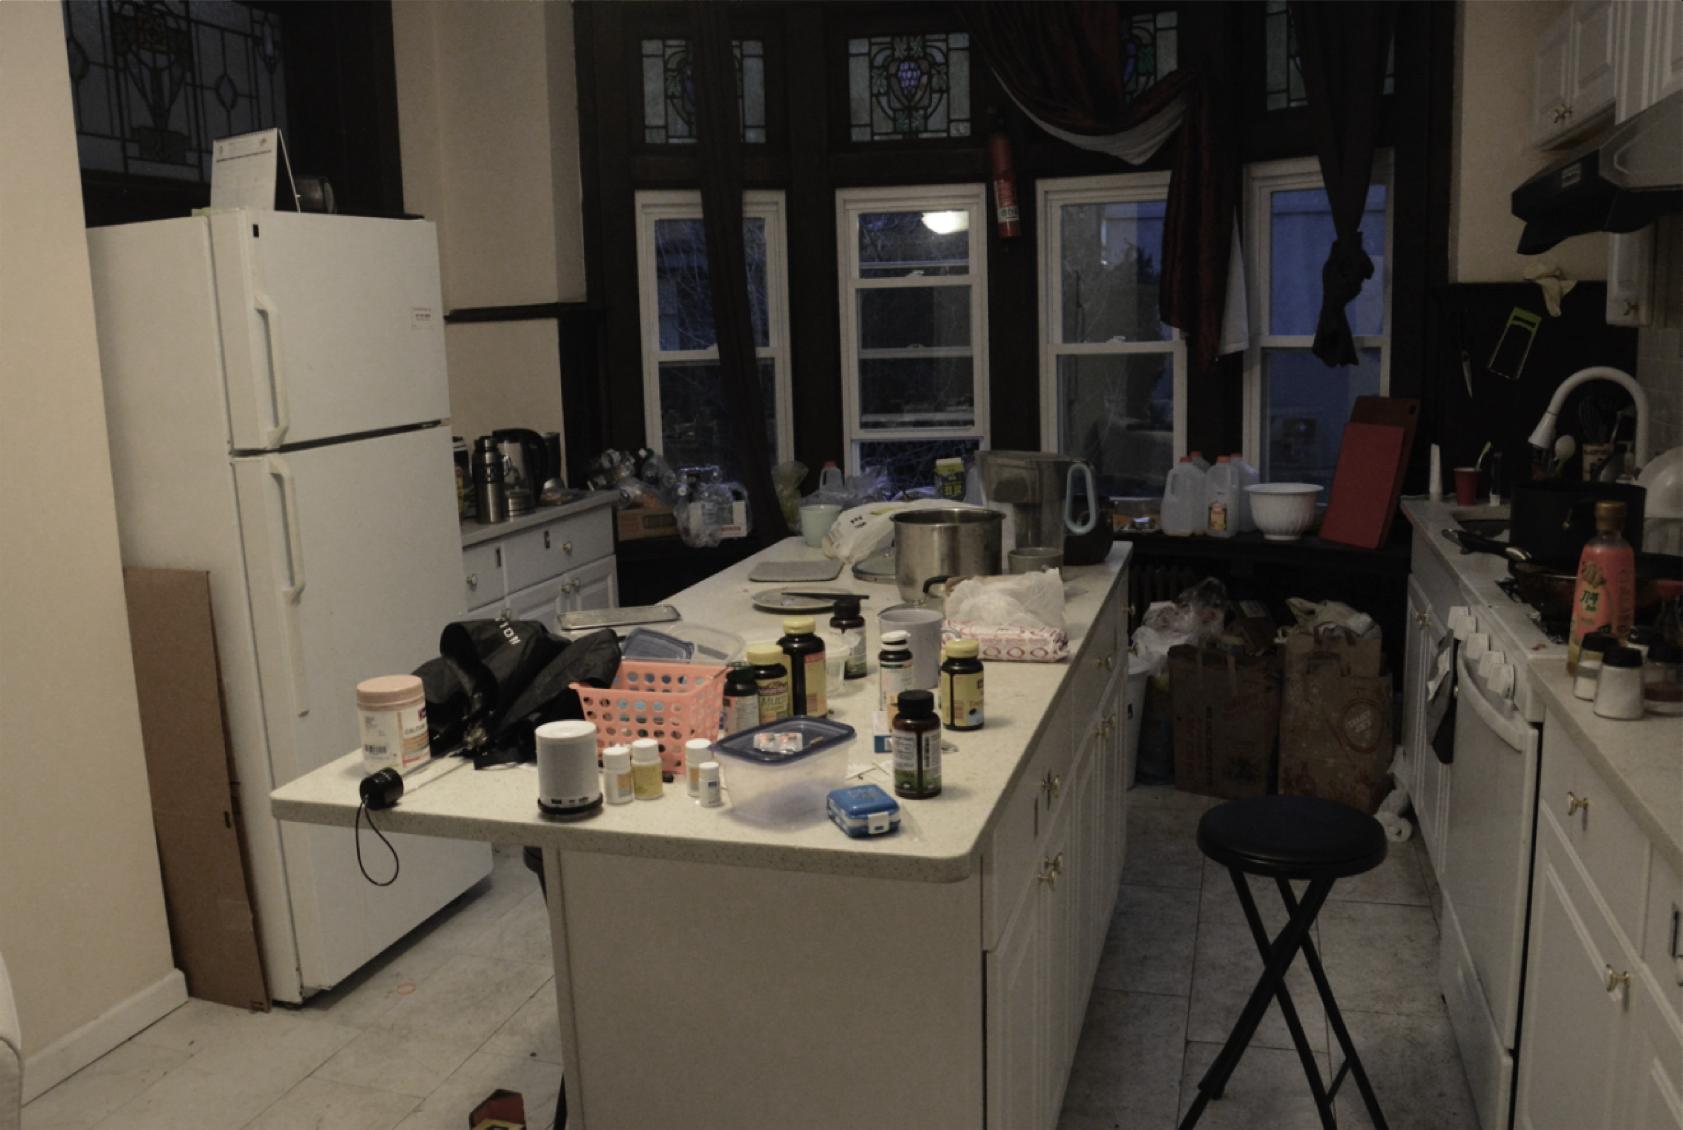 Most kitchen